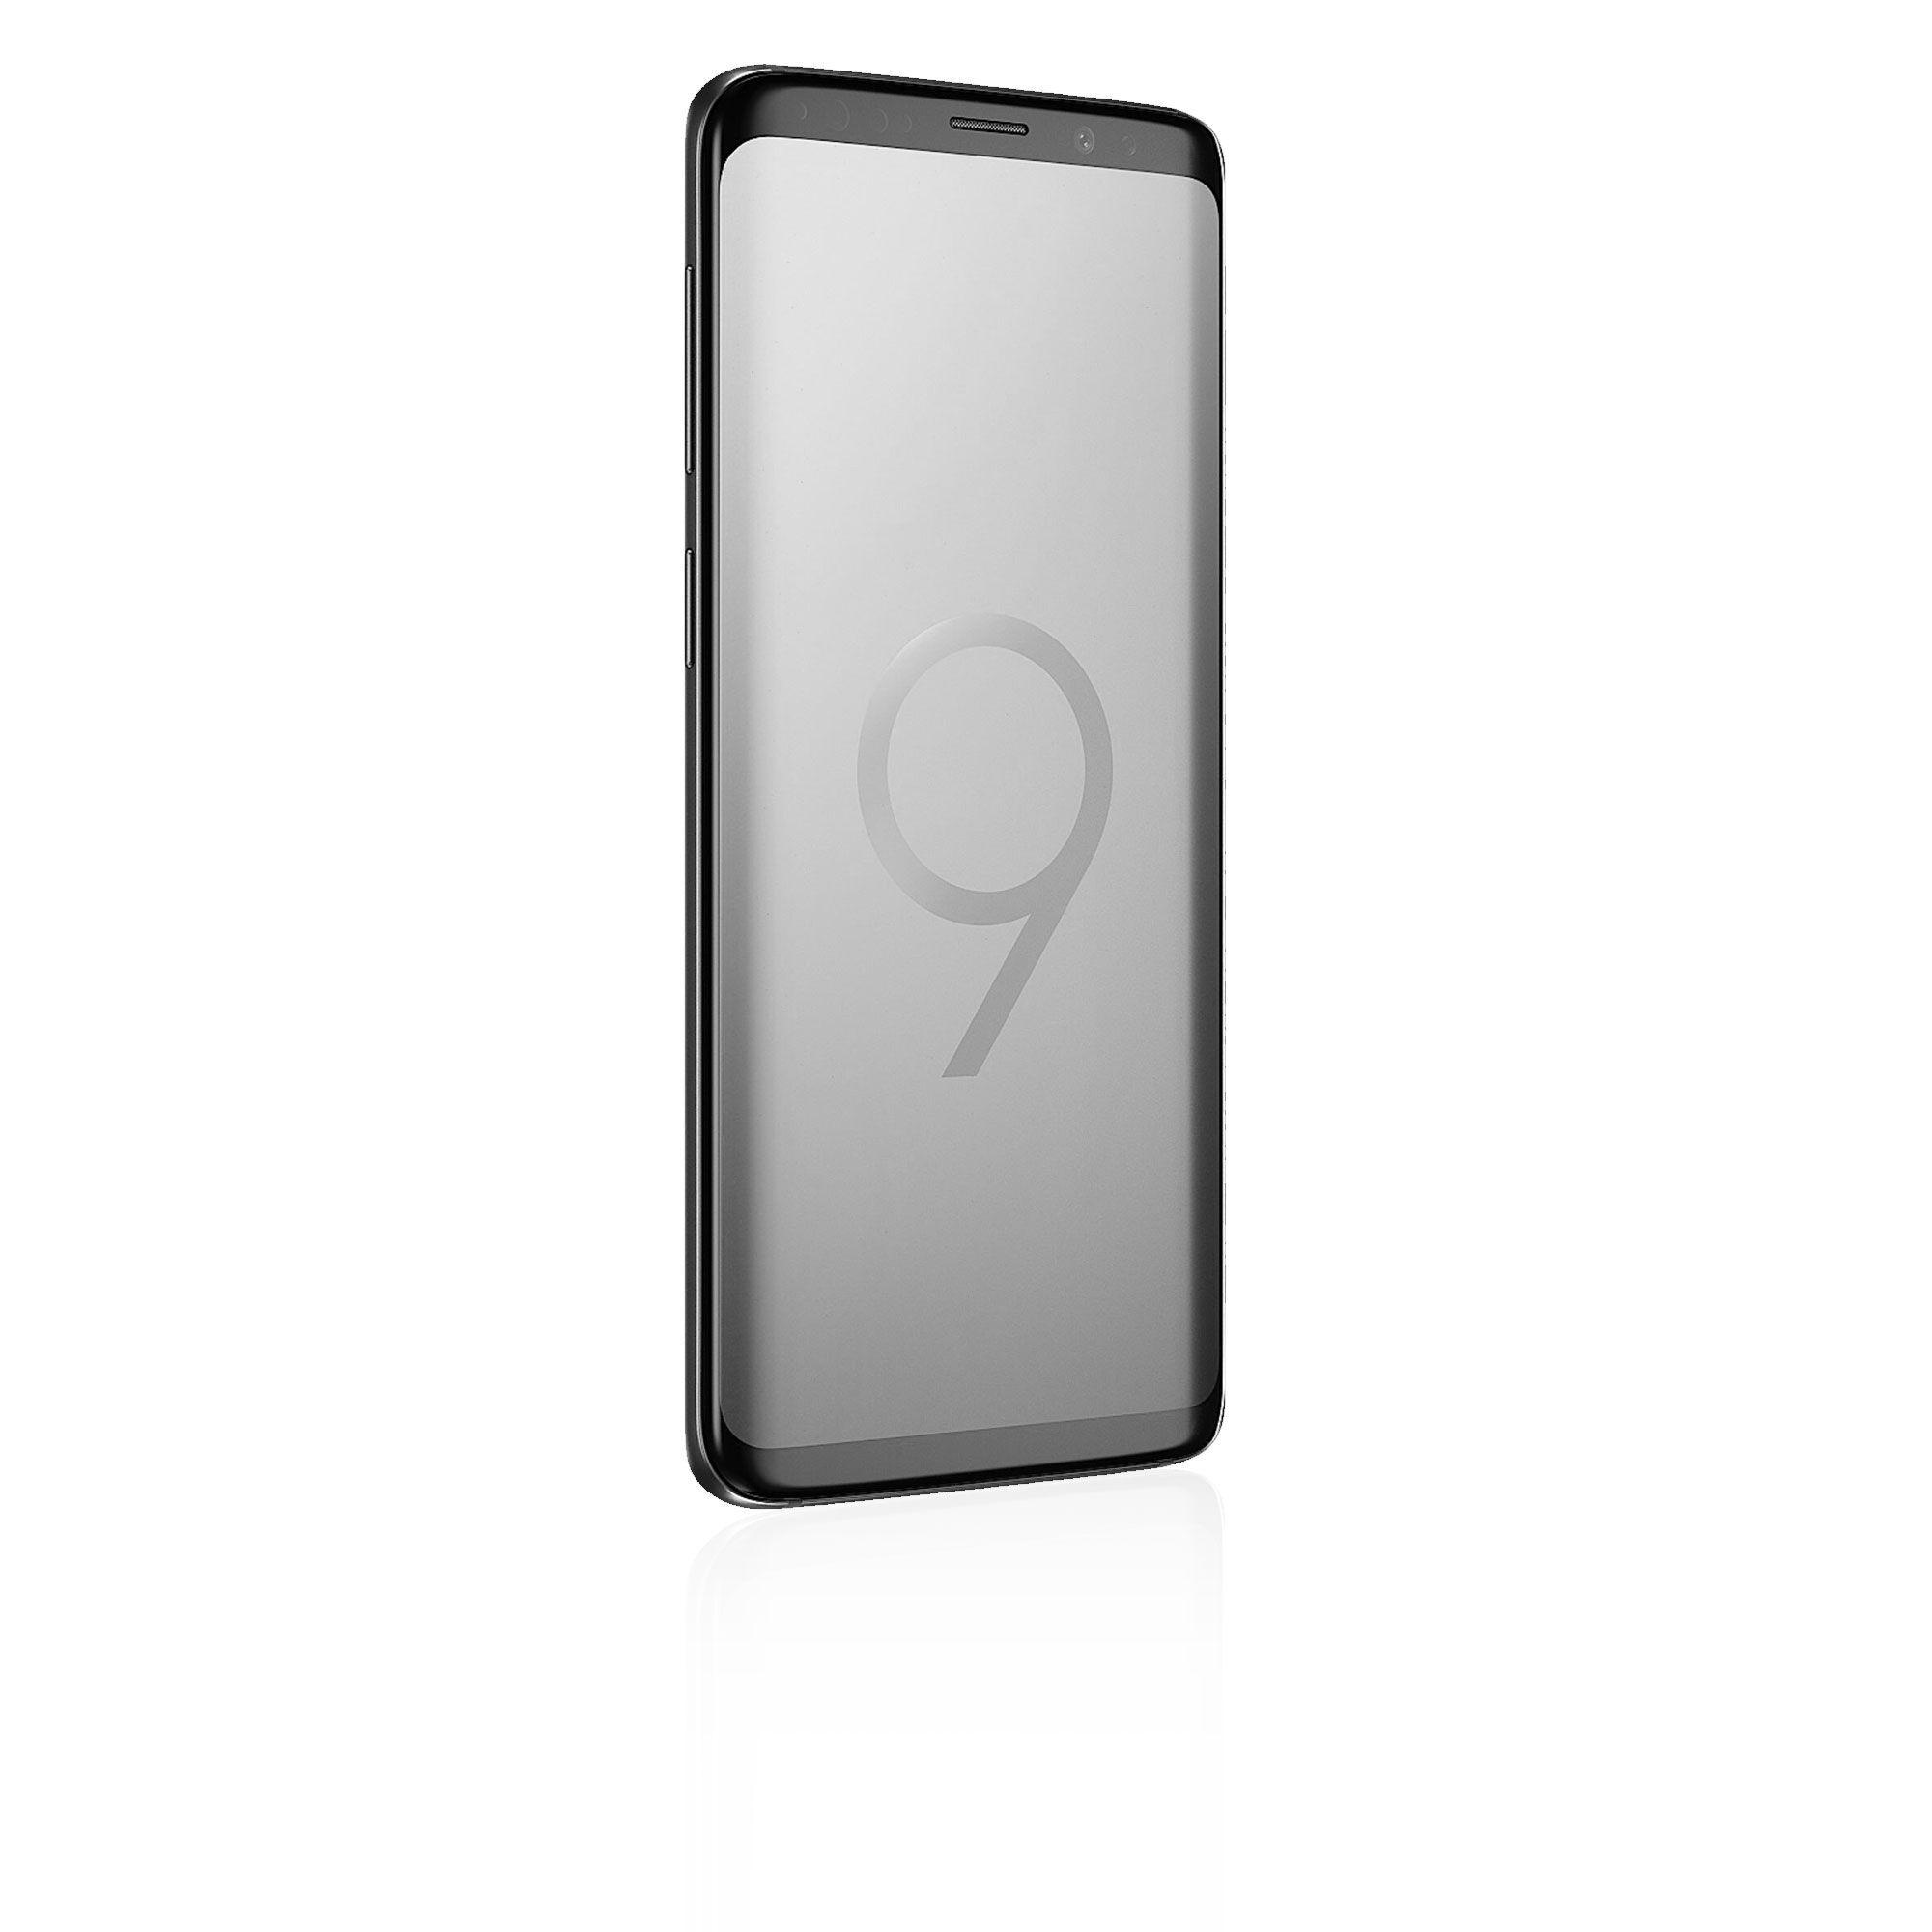 Samsung Galaxy S9 Plus Display 6.2